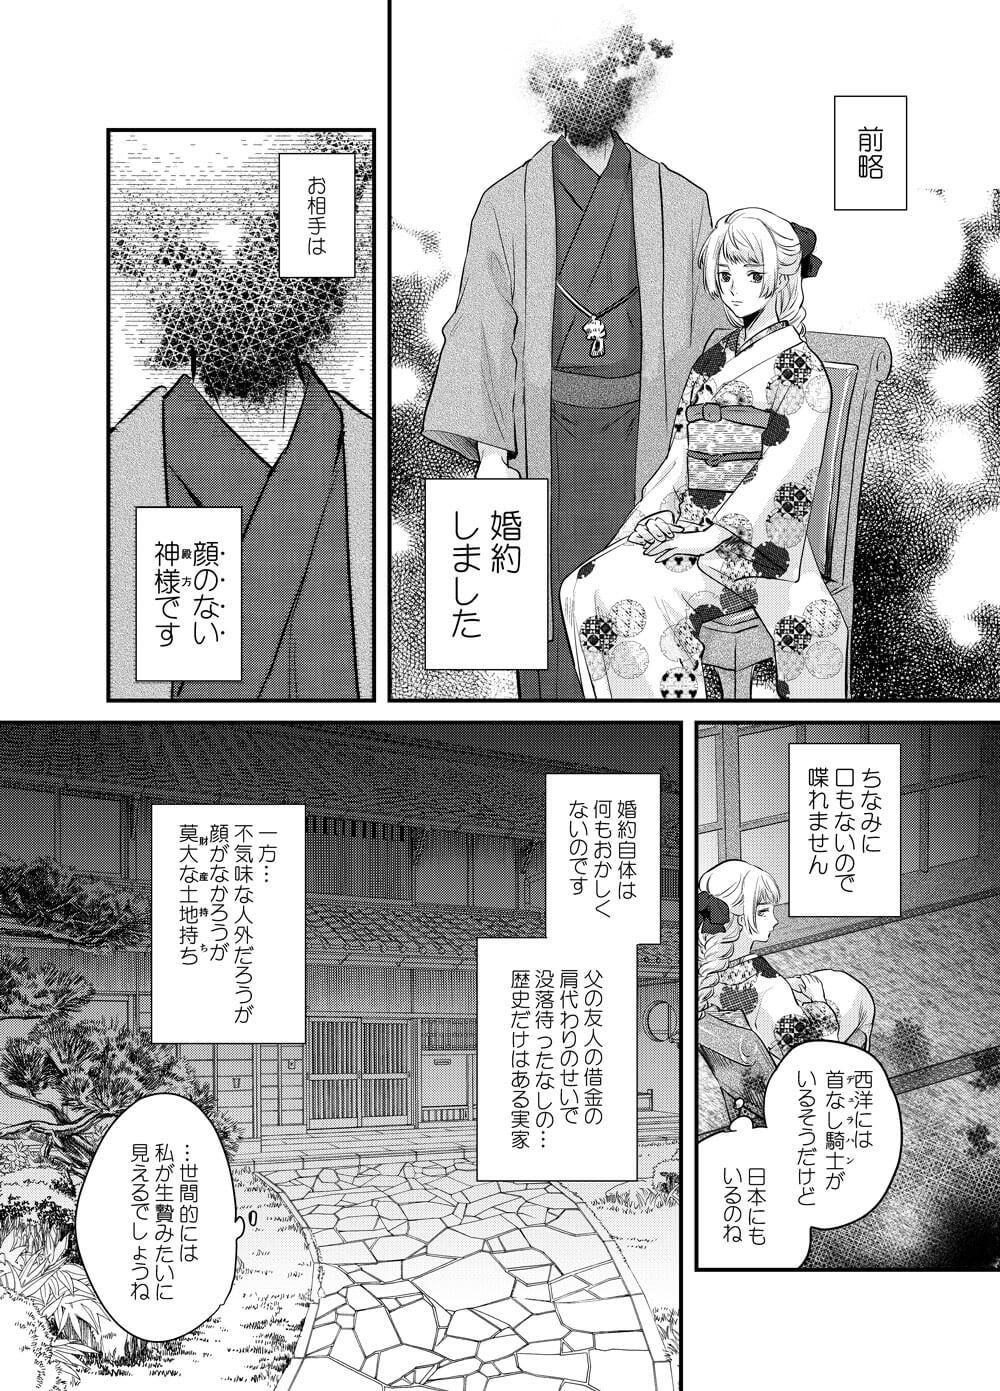 顔無神様と無表情女の異類婚01